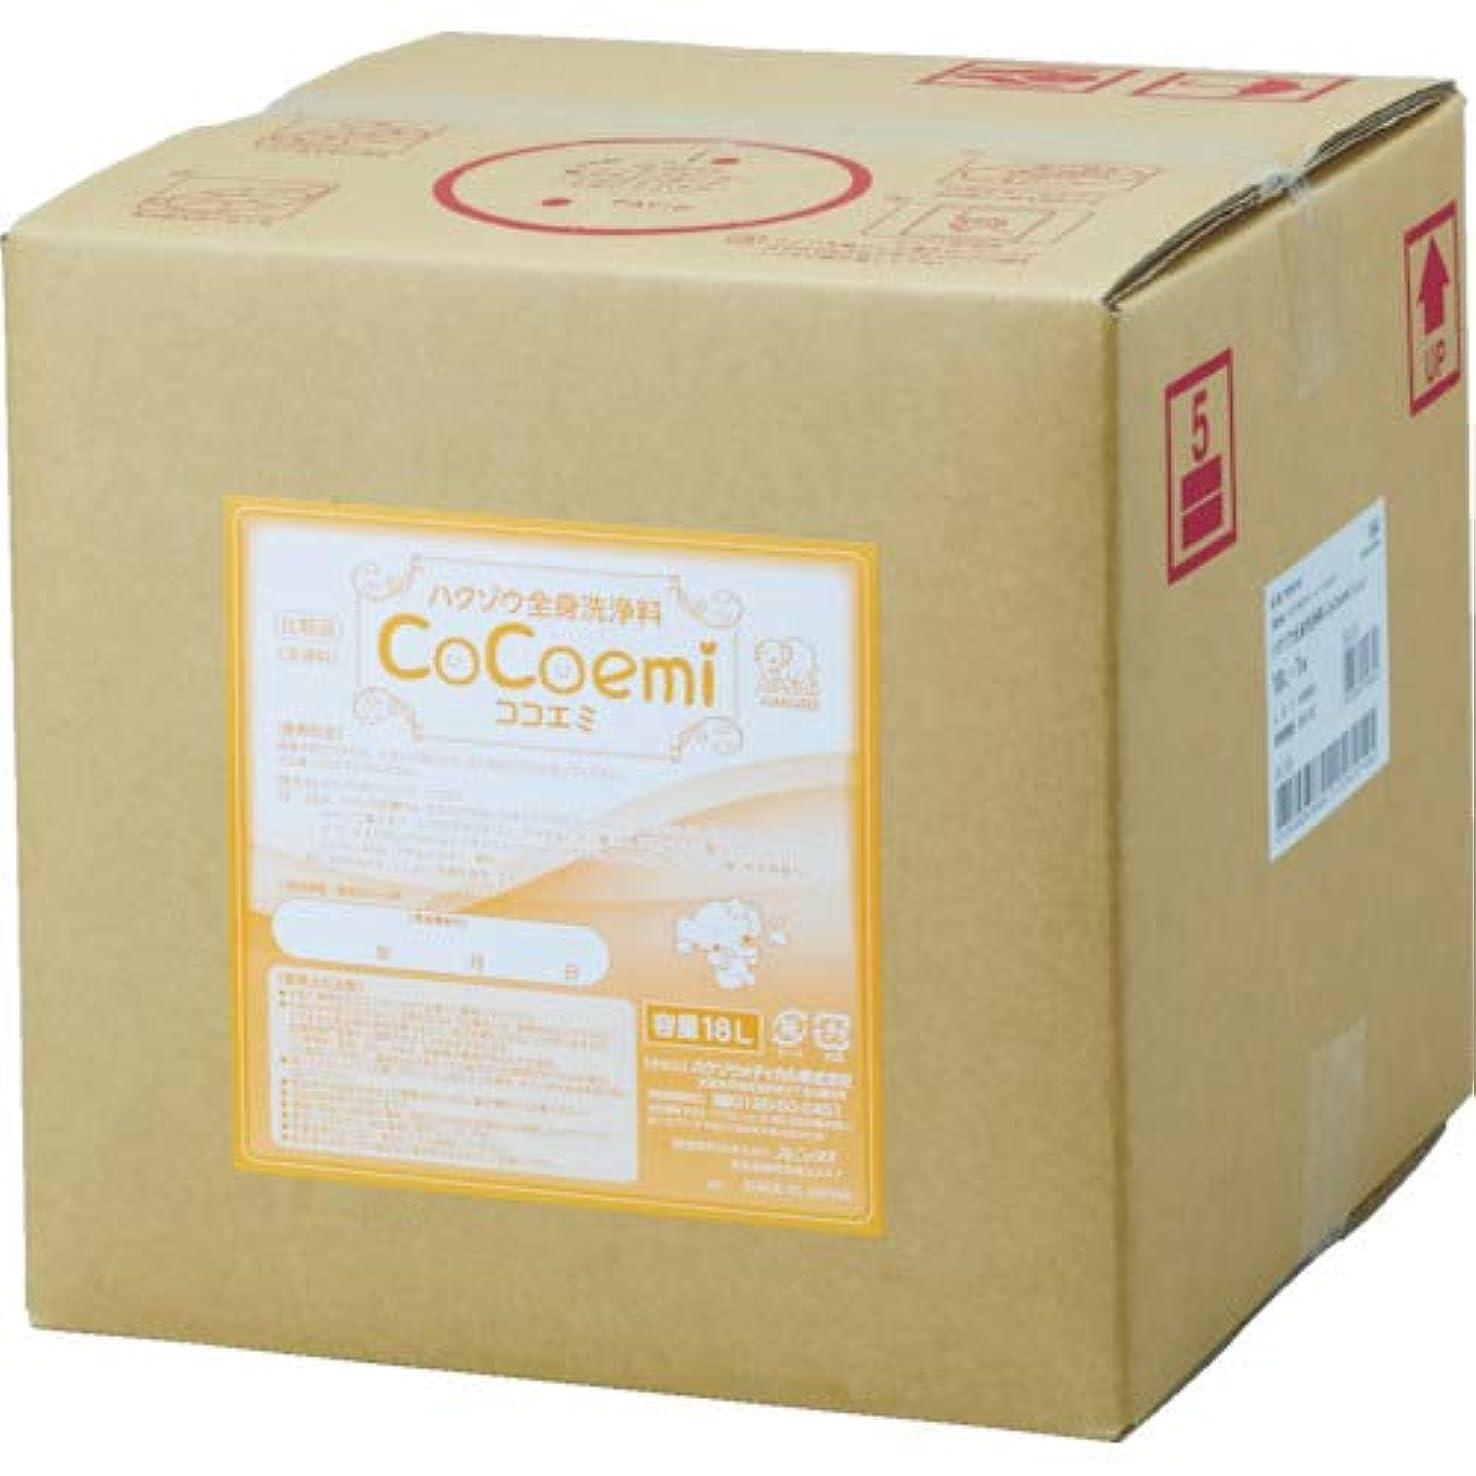 トロピカル長さ先生ハクゾウメディカル ハクゾウ全身洗浄料CoCoemi(ココエミ) 18L 3009018